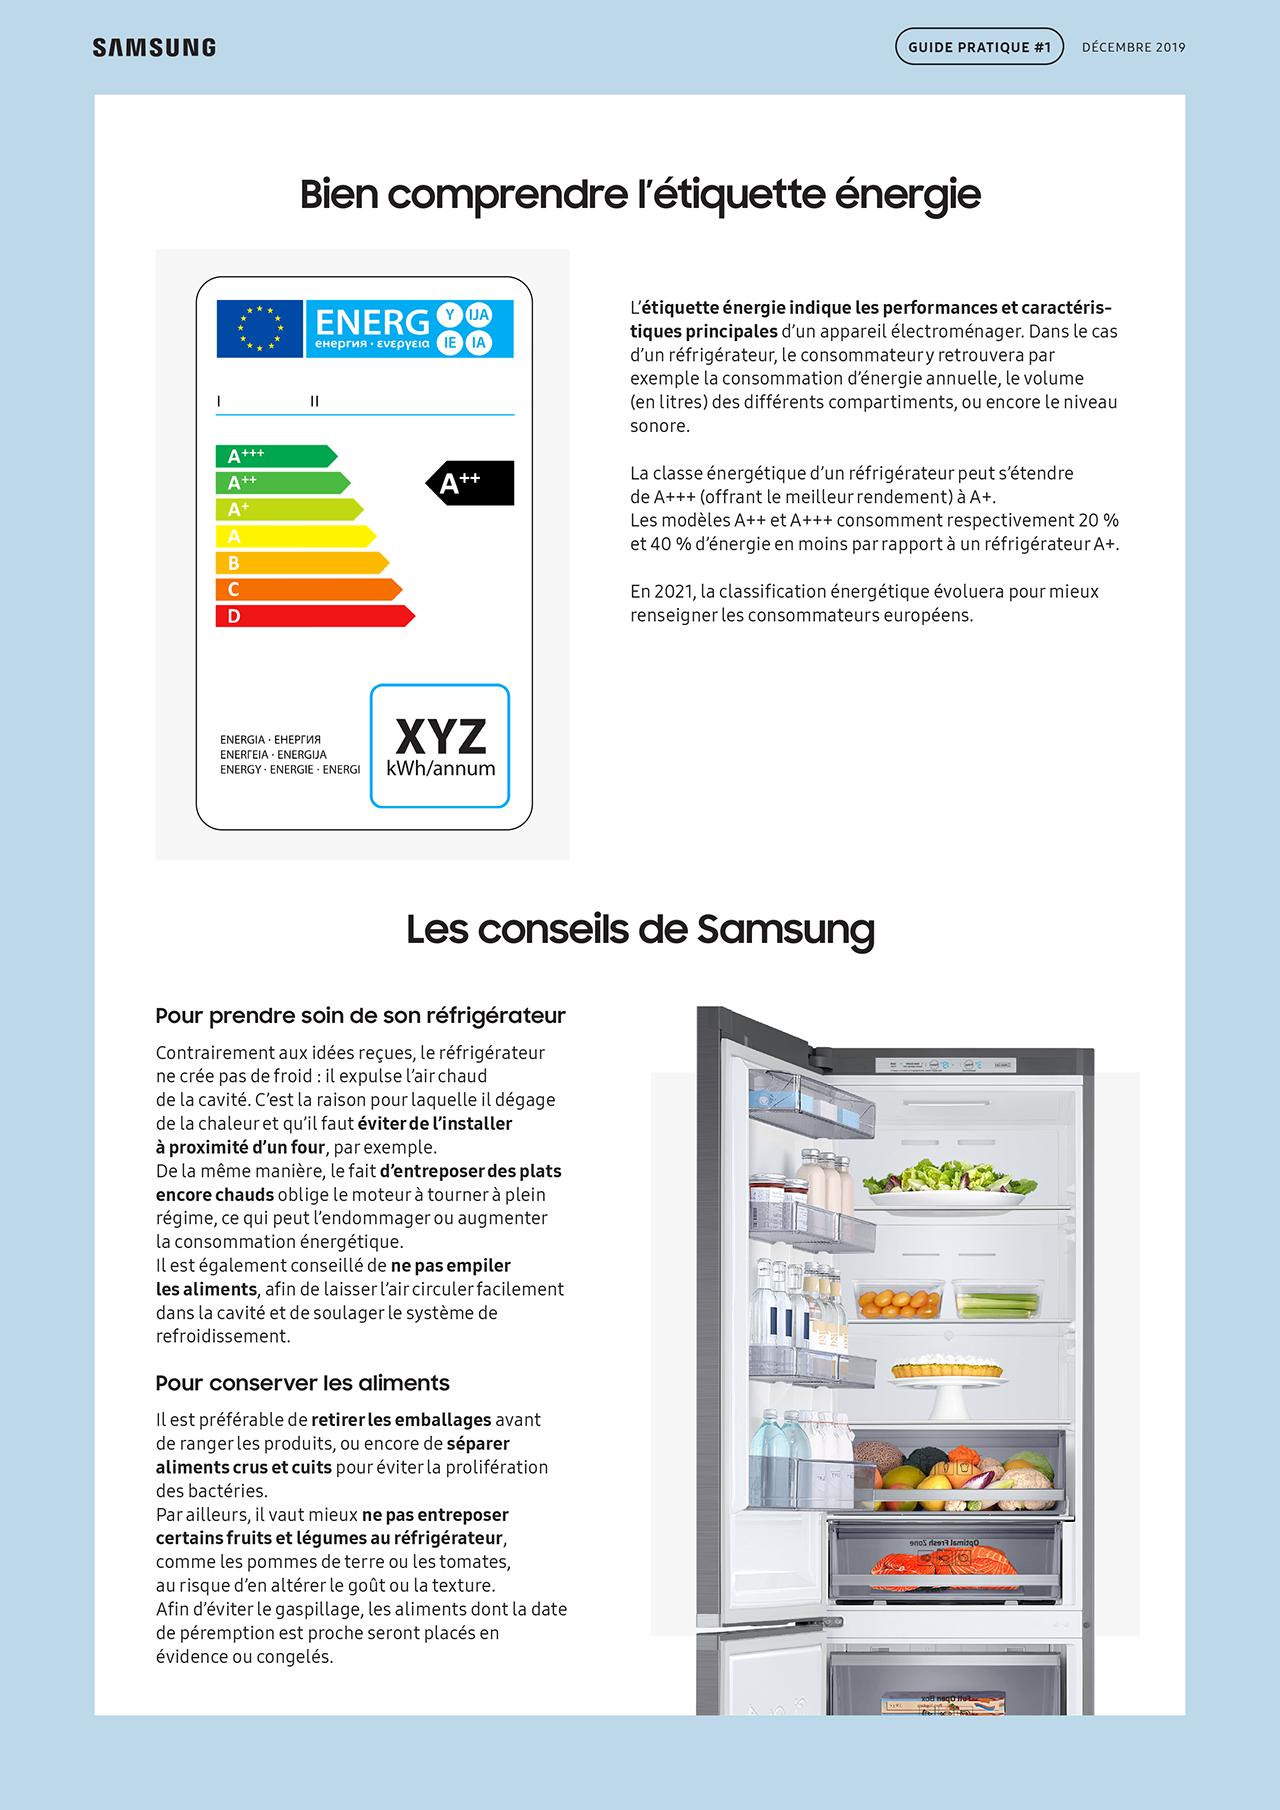 SAMSUNG - Guide pratique frigo 2019-4